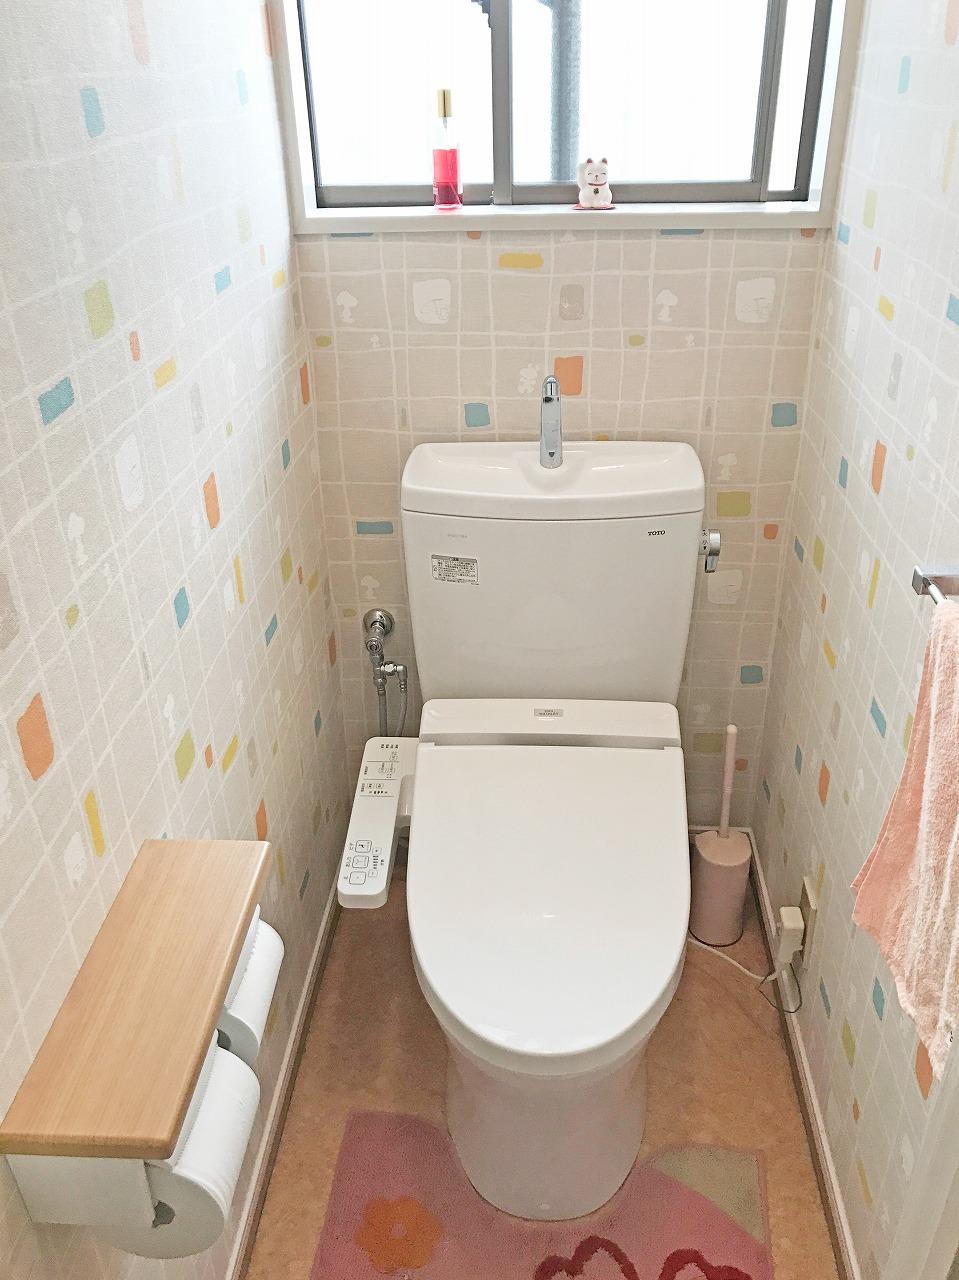 戸建て トイレ のリフォーム施工事例 トイレ交換工事 ピュアレストqr 内装込み 流山市 和泉不動産